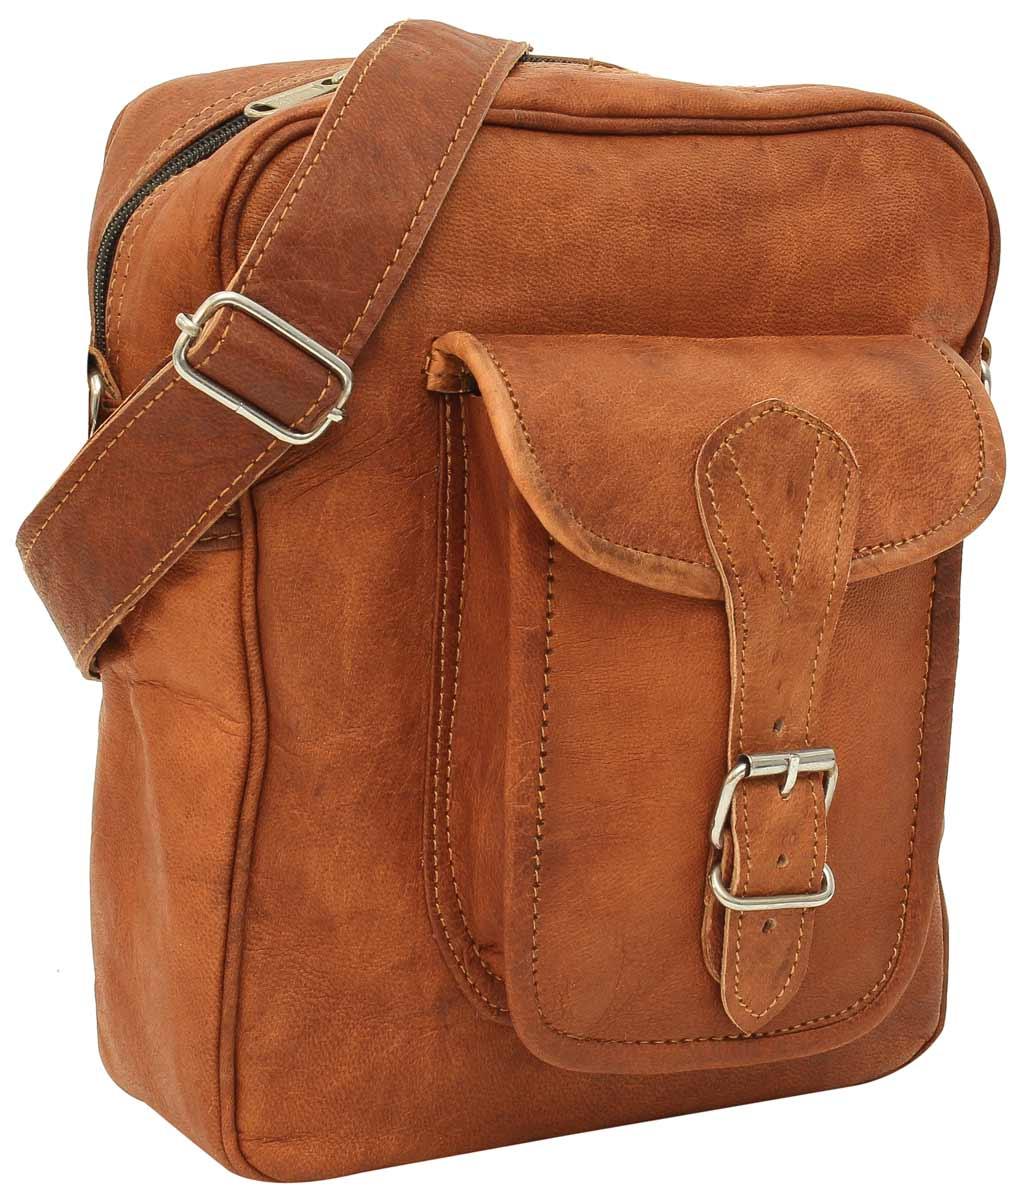 1549c8247bb9a Umhängetasche Handtasche Ledertasche Vintage Braun Leder